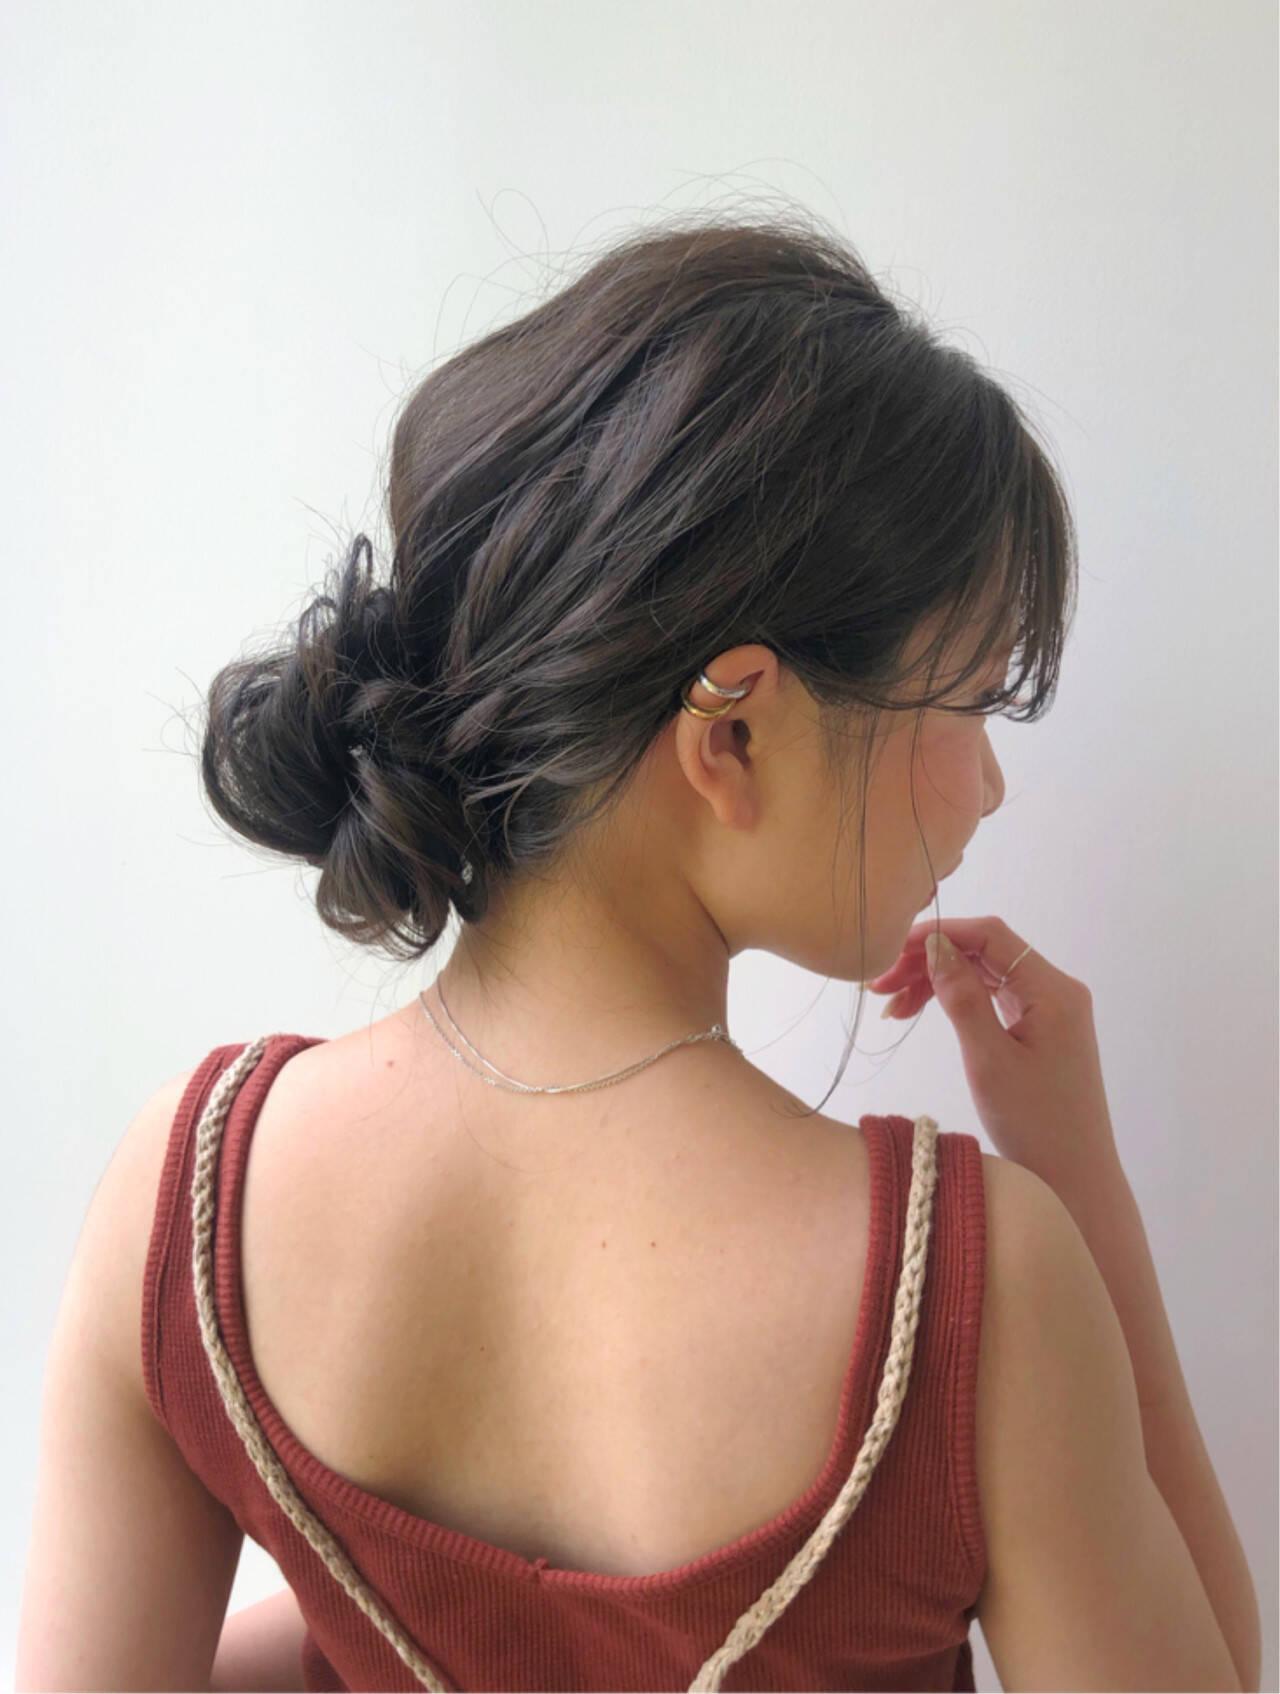 デート ヘアアレンジ ハイライト ミディアムヘアスタイルや髪型の写真・画像